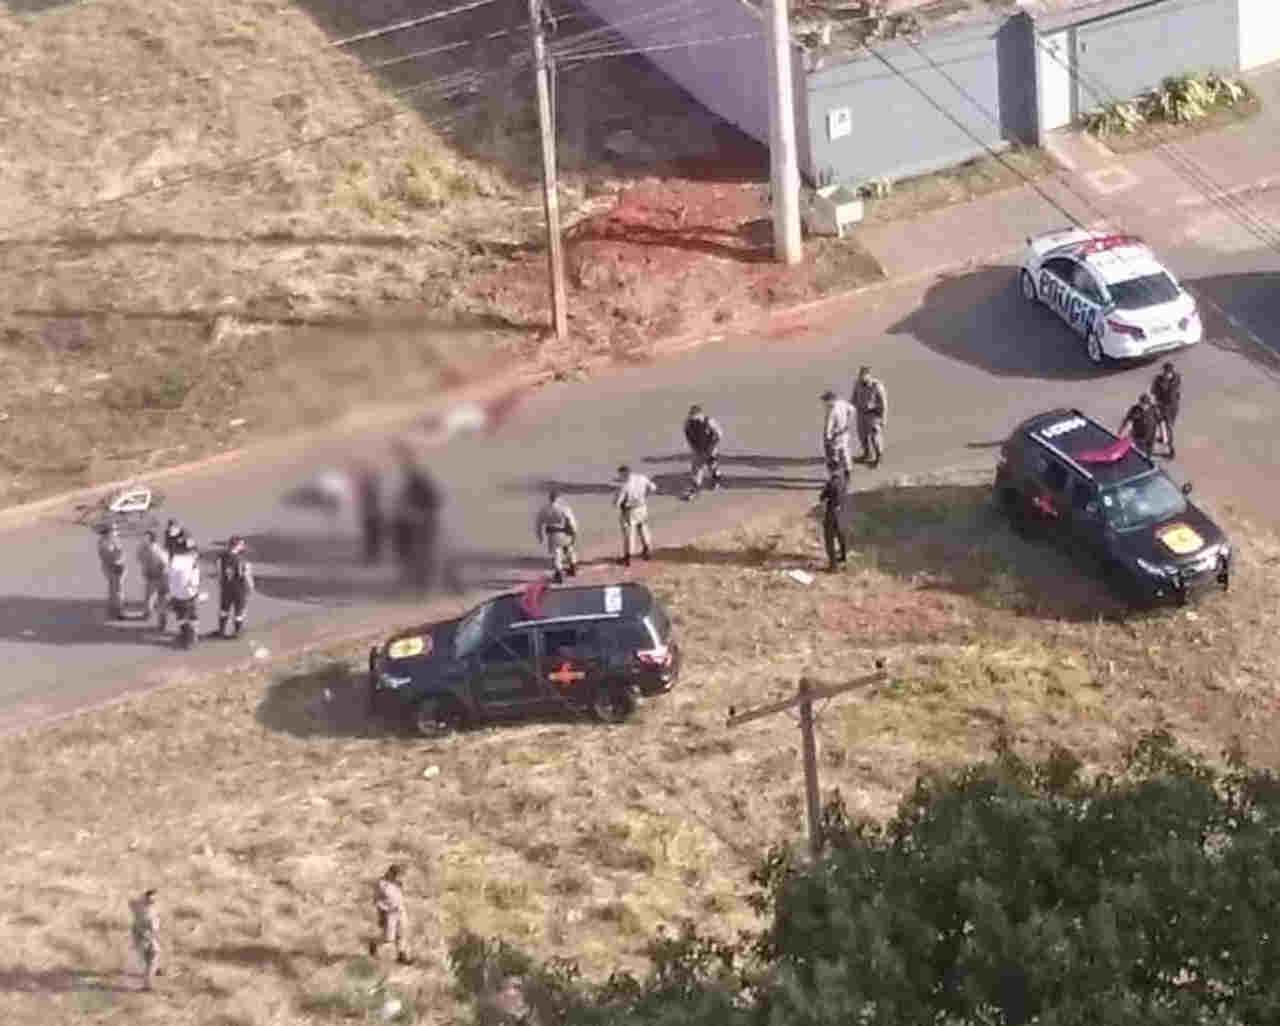 Segundo informações preliminares, vítimas estavam em uma bicicleta em local próximo ao Parque Cascavel, no Jardim Atlântico | Foto: Reprodução